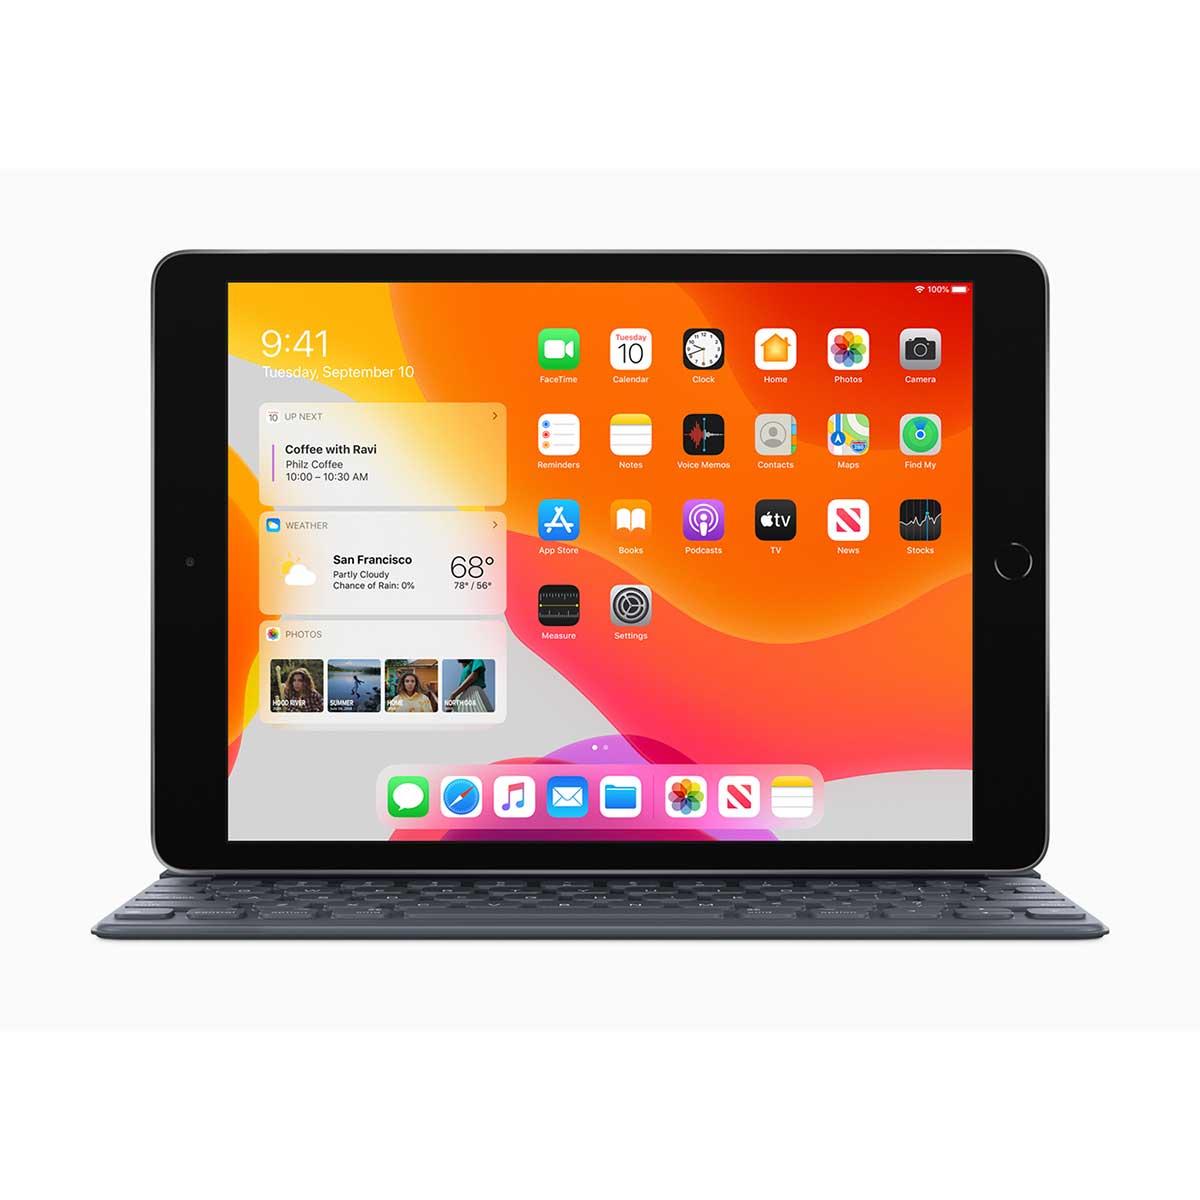 【今週発売の注目製品】アップルから、10.2型になった第7世代「iPad」が税別34,800円で登場